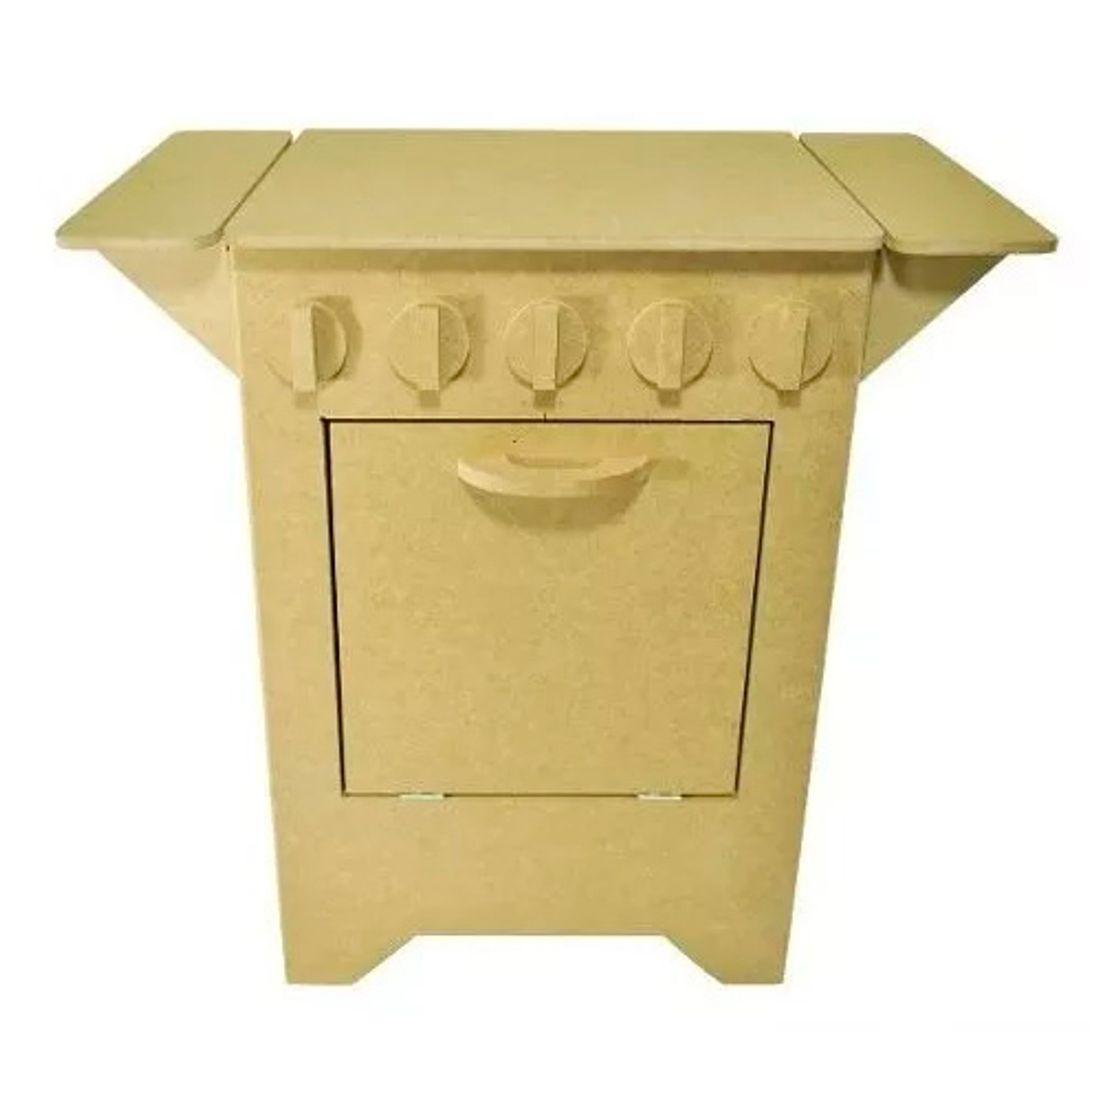 Fogao-Cozinha-C--Portas-Abrem-Brinquedo-482x48x29-Mdf